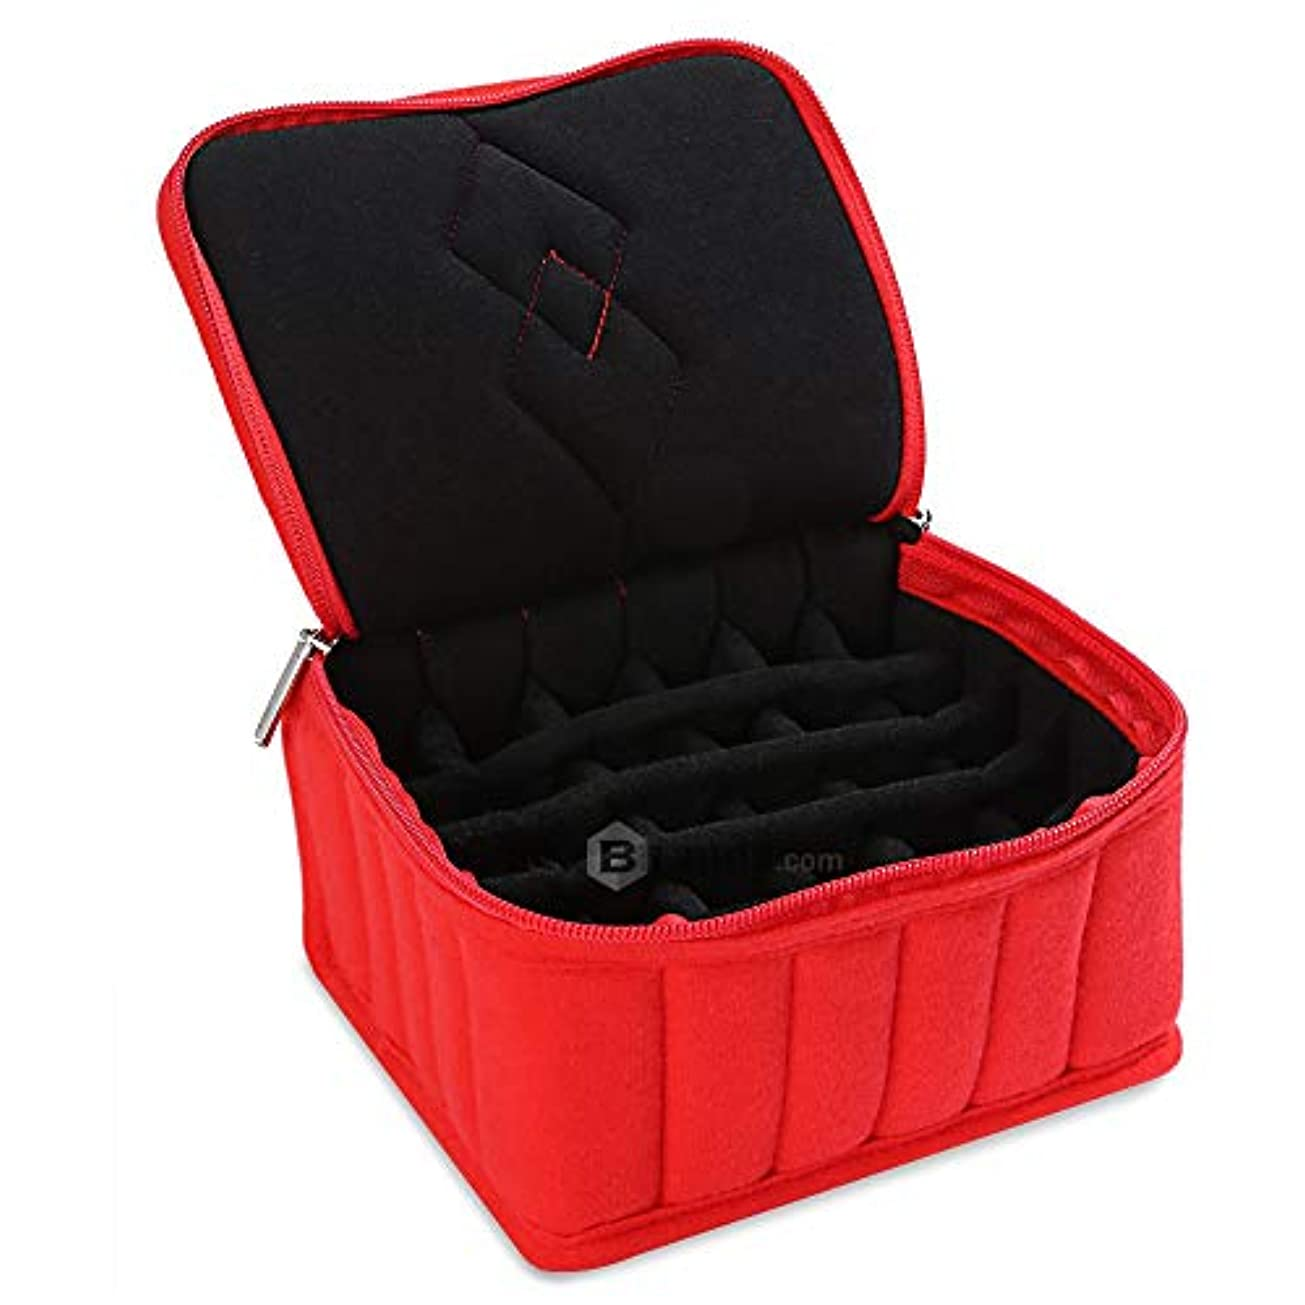 バストカフェ重量リングケース 指輪 ベロア調 ピアスケース 30個 収納可 ディスプレイ 展示用 ジュエリーボックス